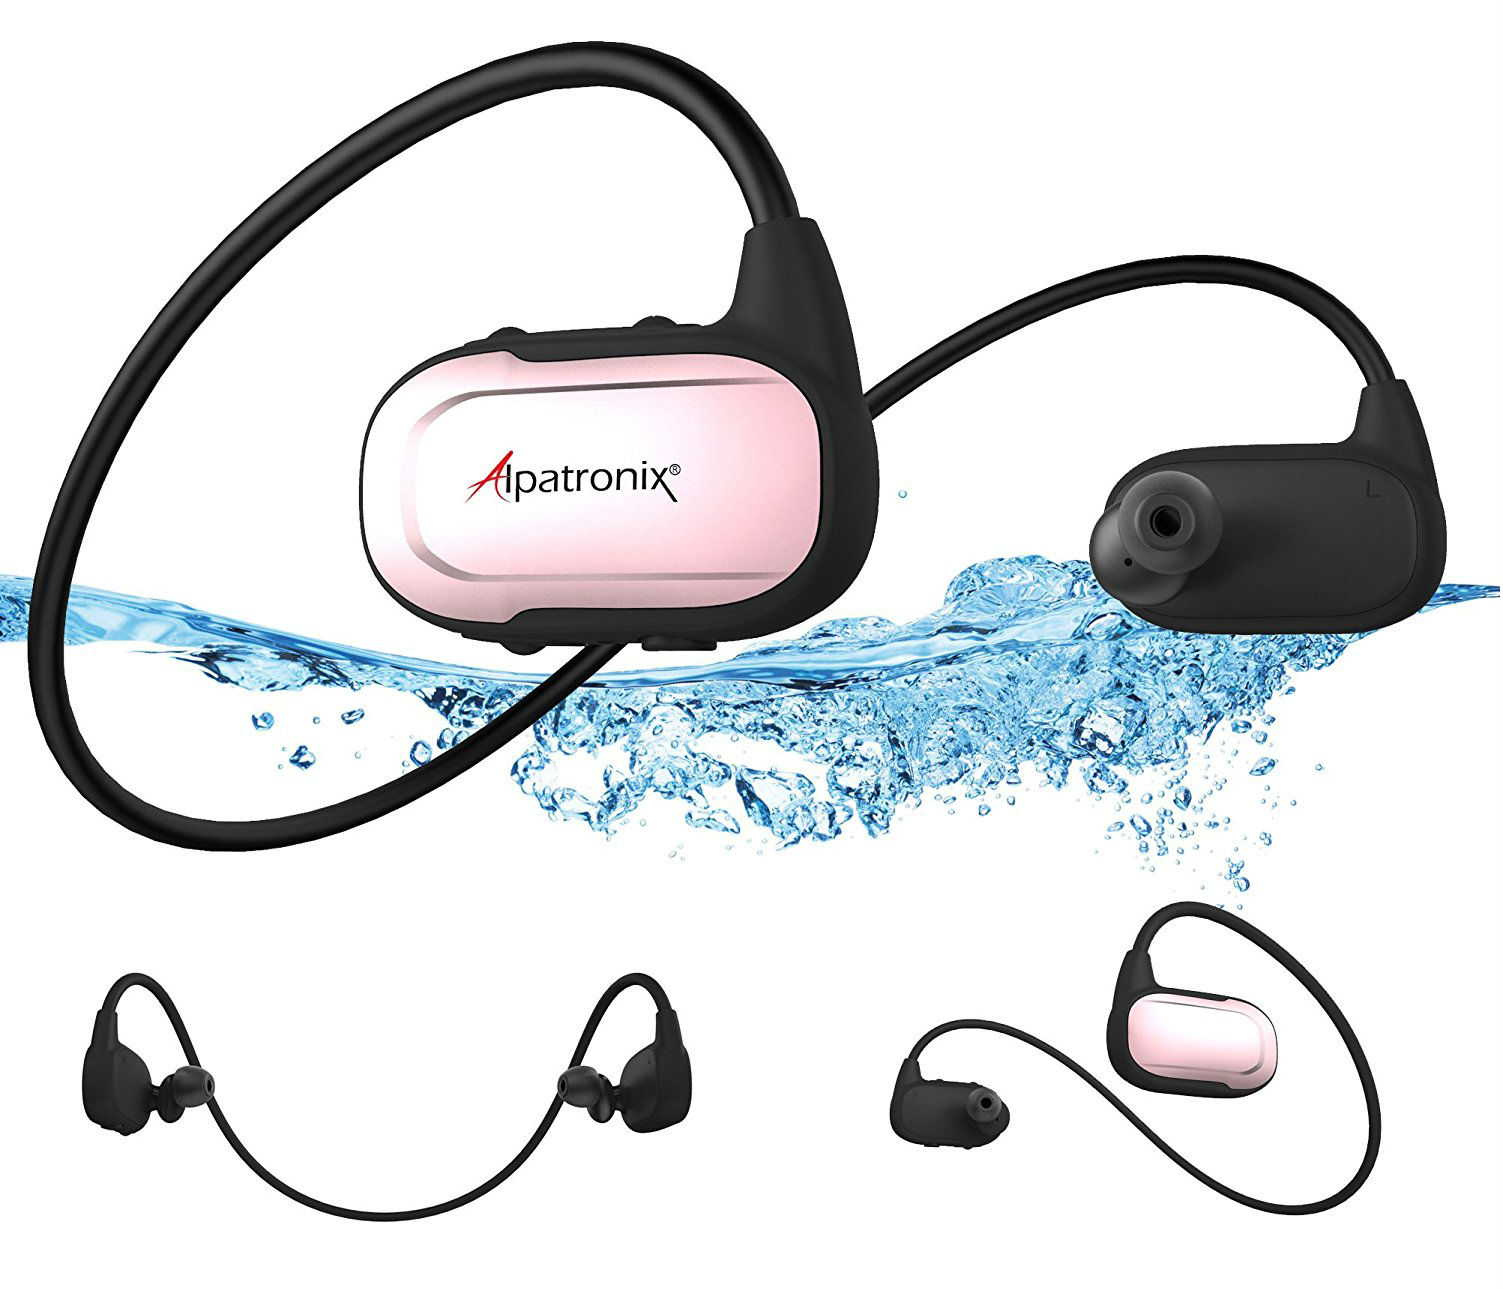 Alpatronix HX250 Waterproof Bluetooth Headset